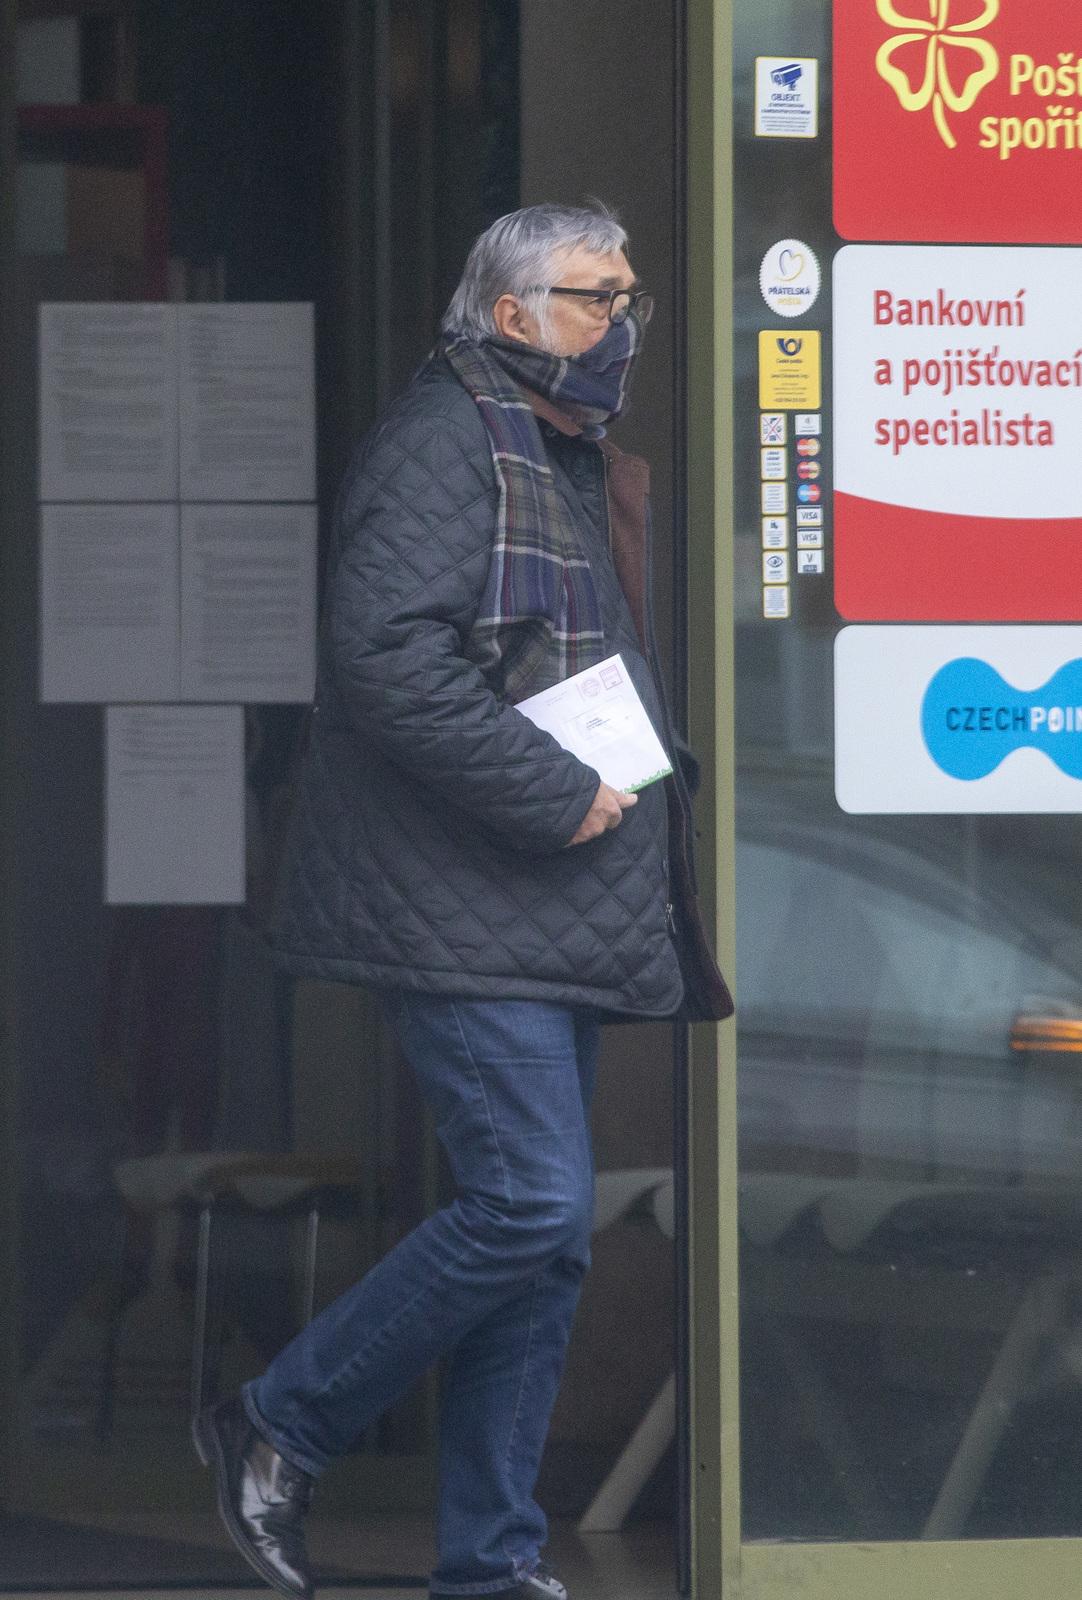 Jiří Bartoška a jeho listonošská karanténa